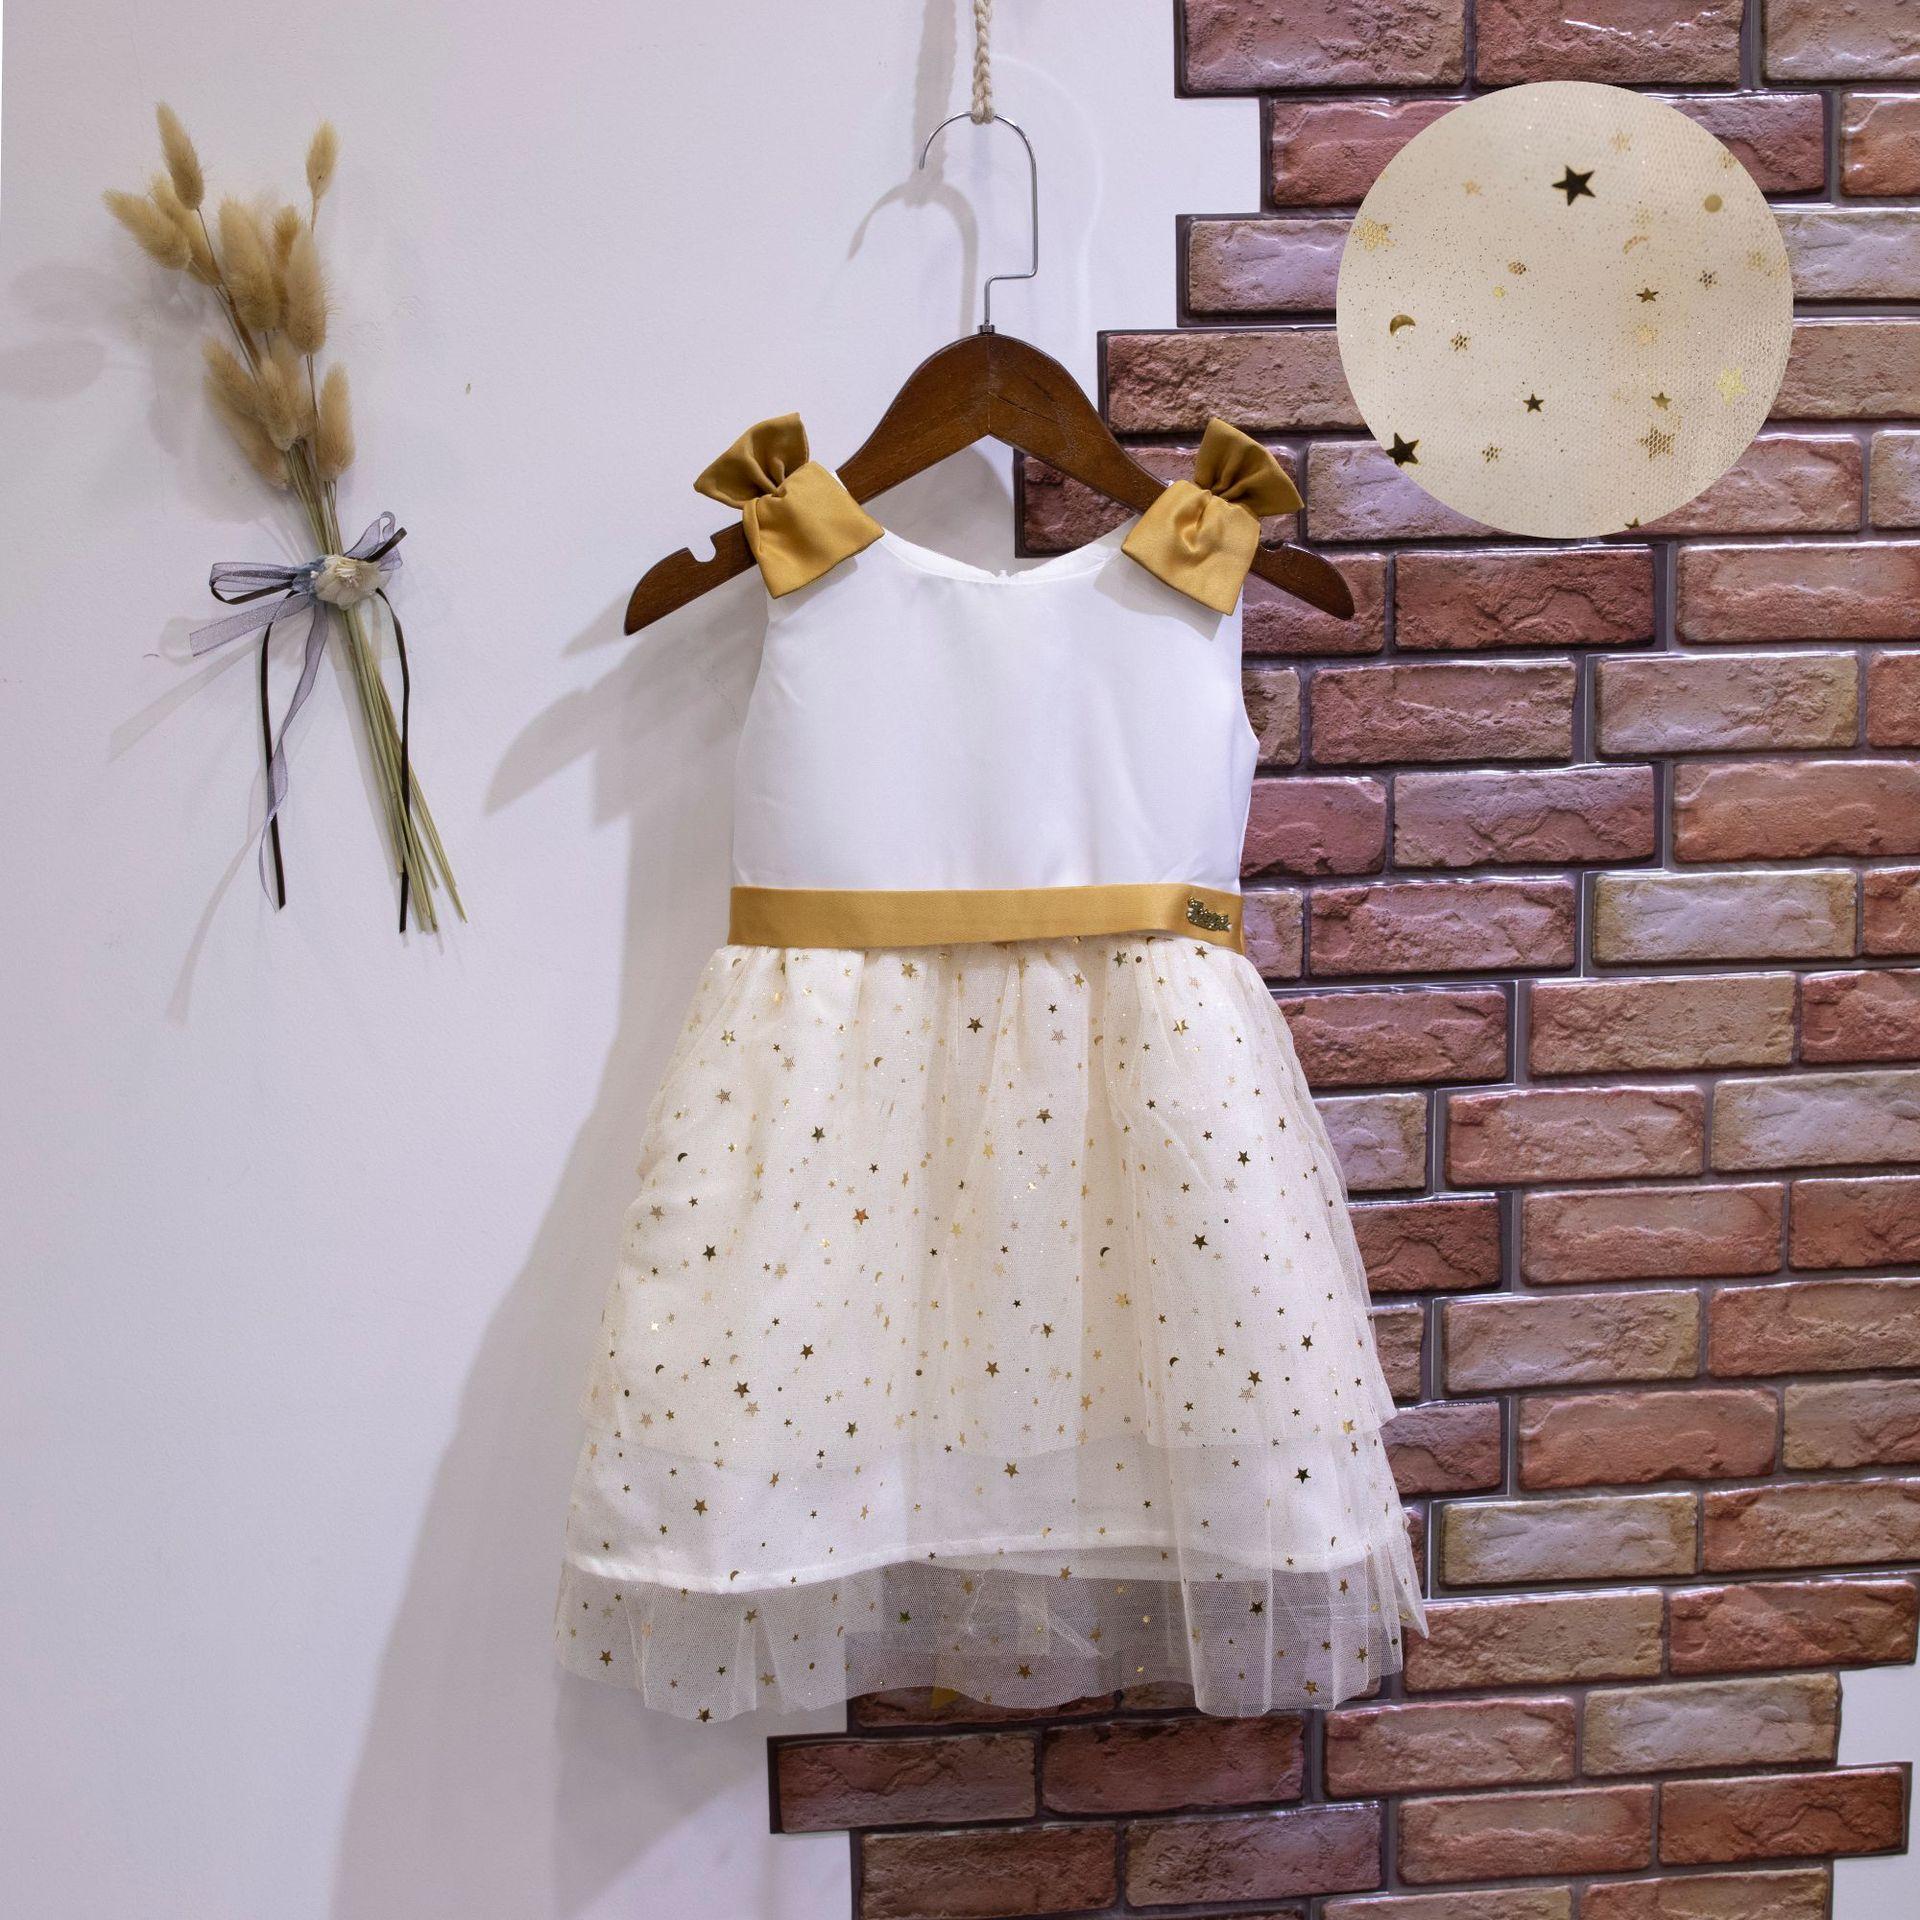 女童公主裙 的士*尼喜洋洋系列 可爱连衣裙 品牌童装折扣走份批发